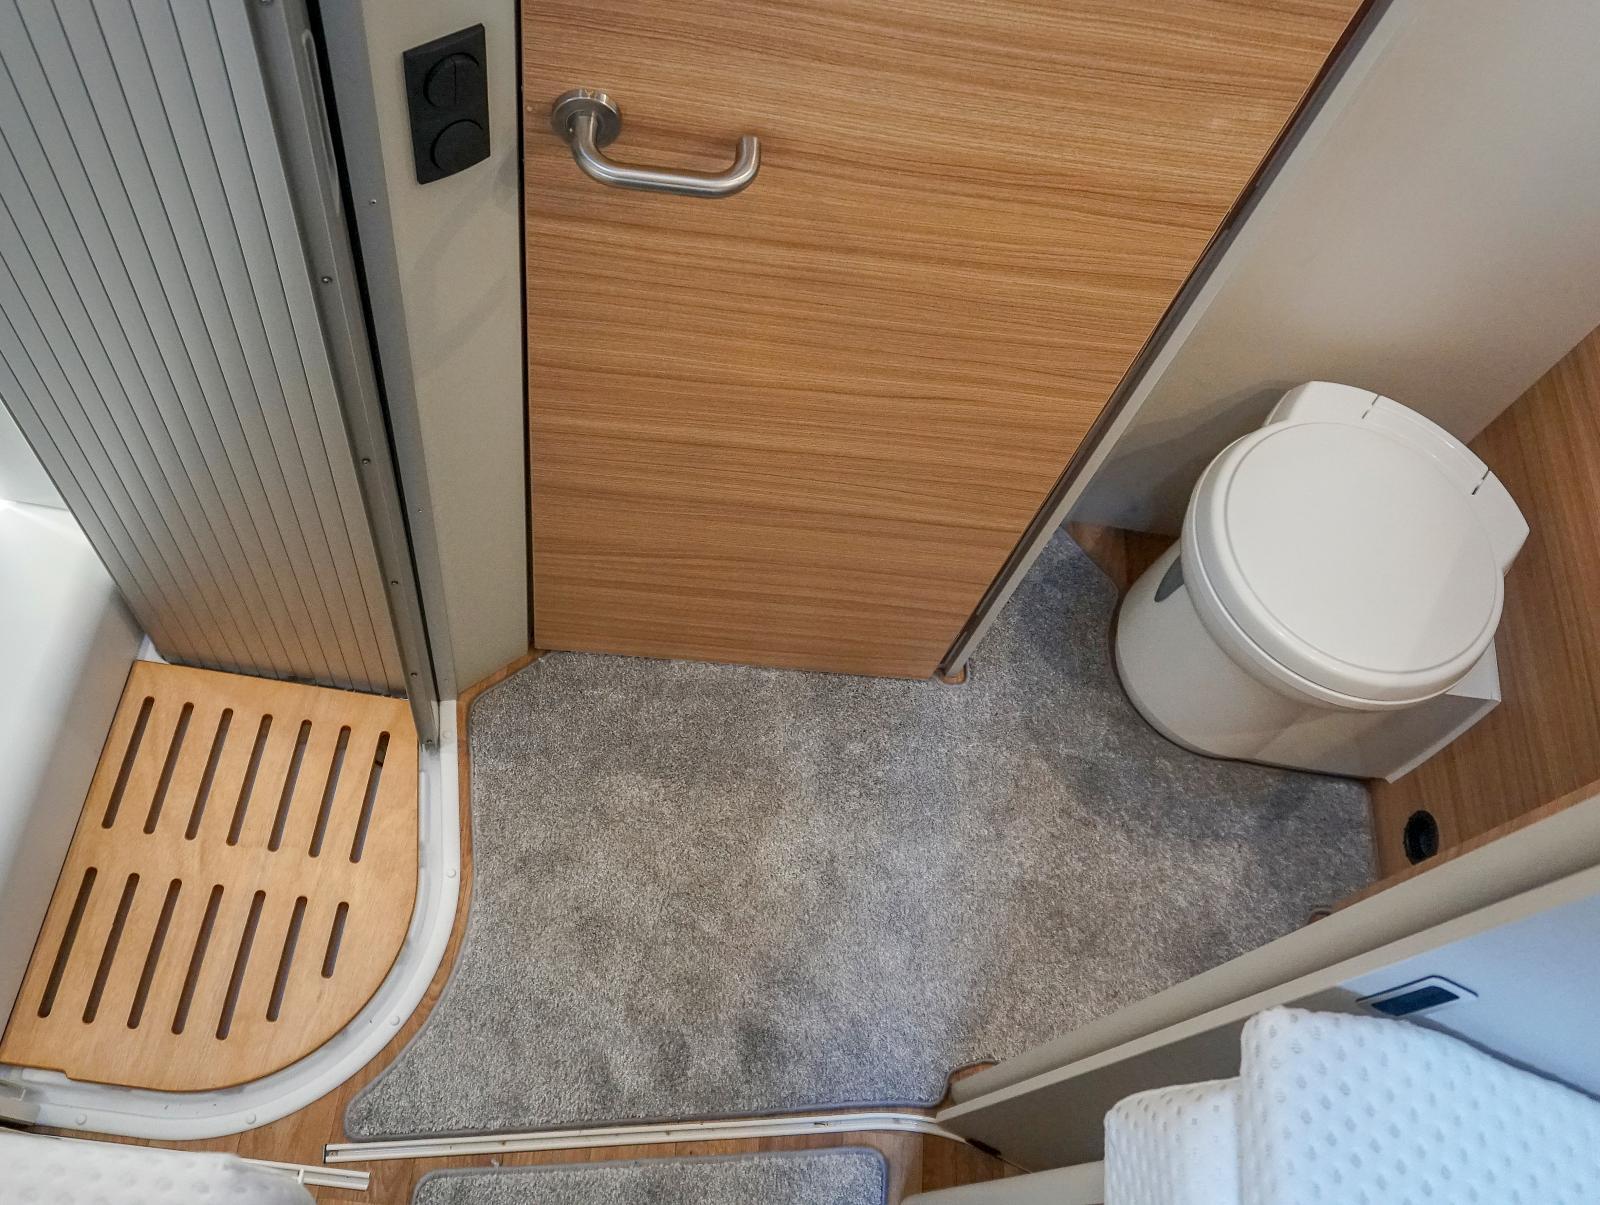 Toalettutrymmet kan skärmas av framåt med toadörren och mot sovrummet med en skjutdörr.